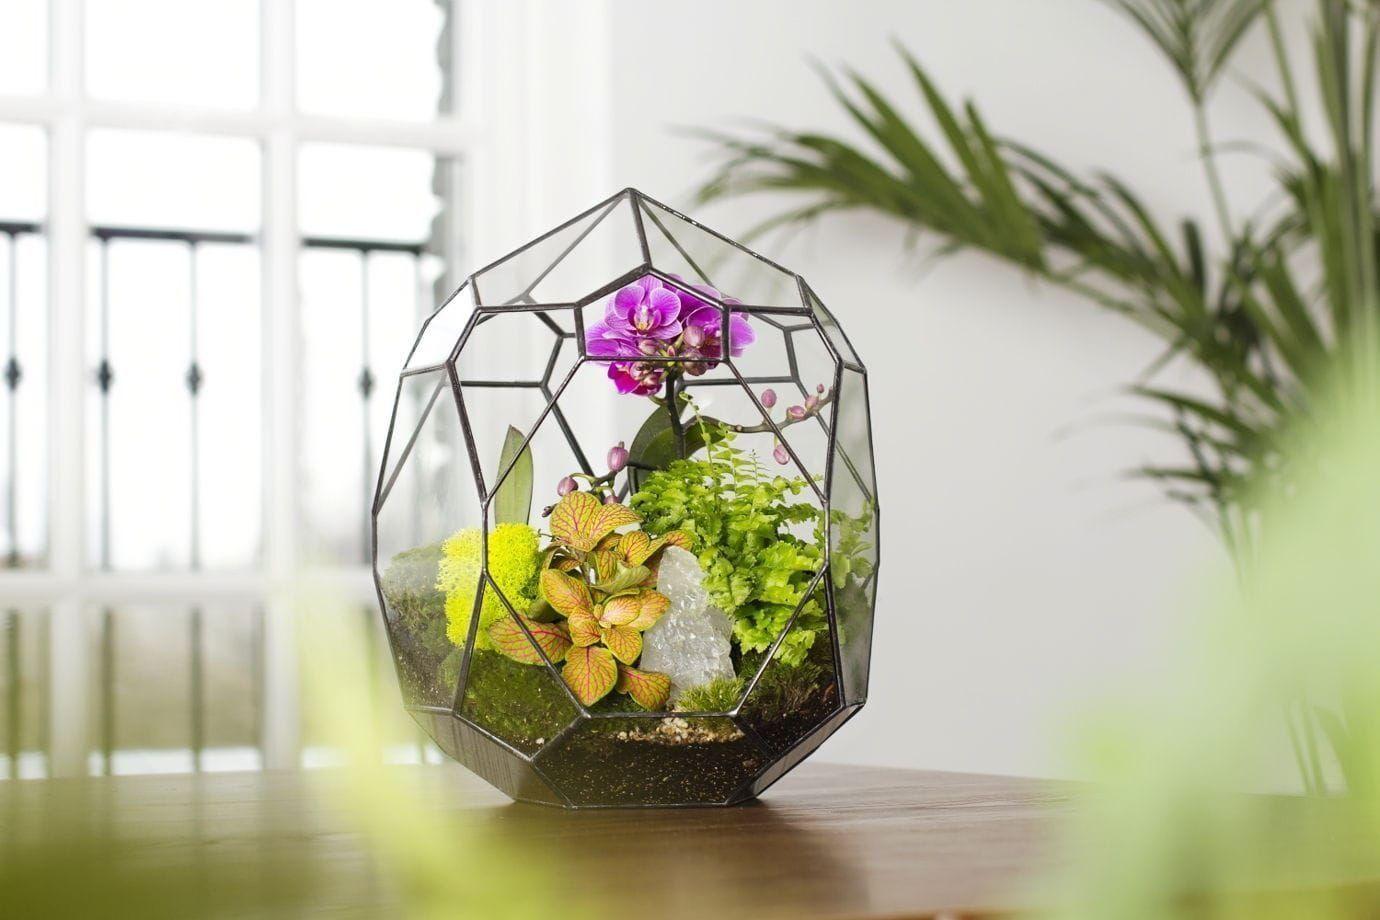 Флорариум с орхидеей, зеленью и стабилизированным мхом